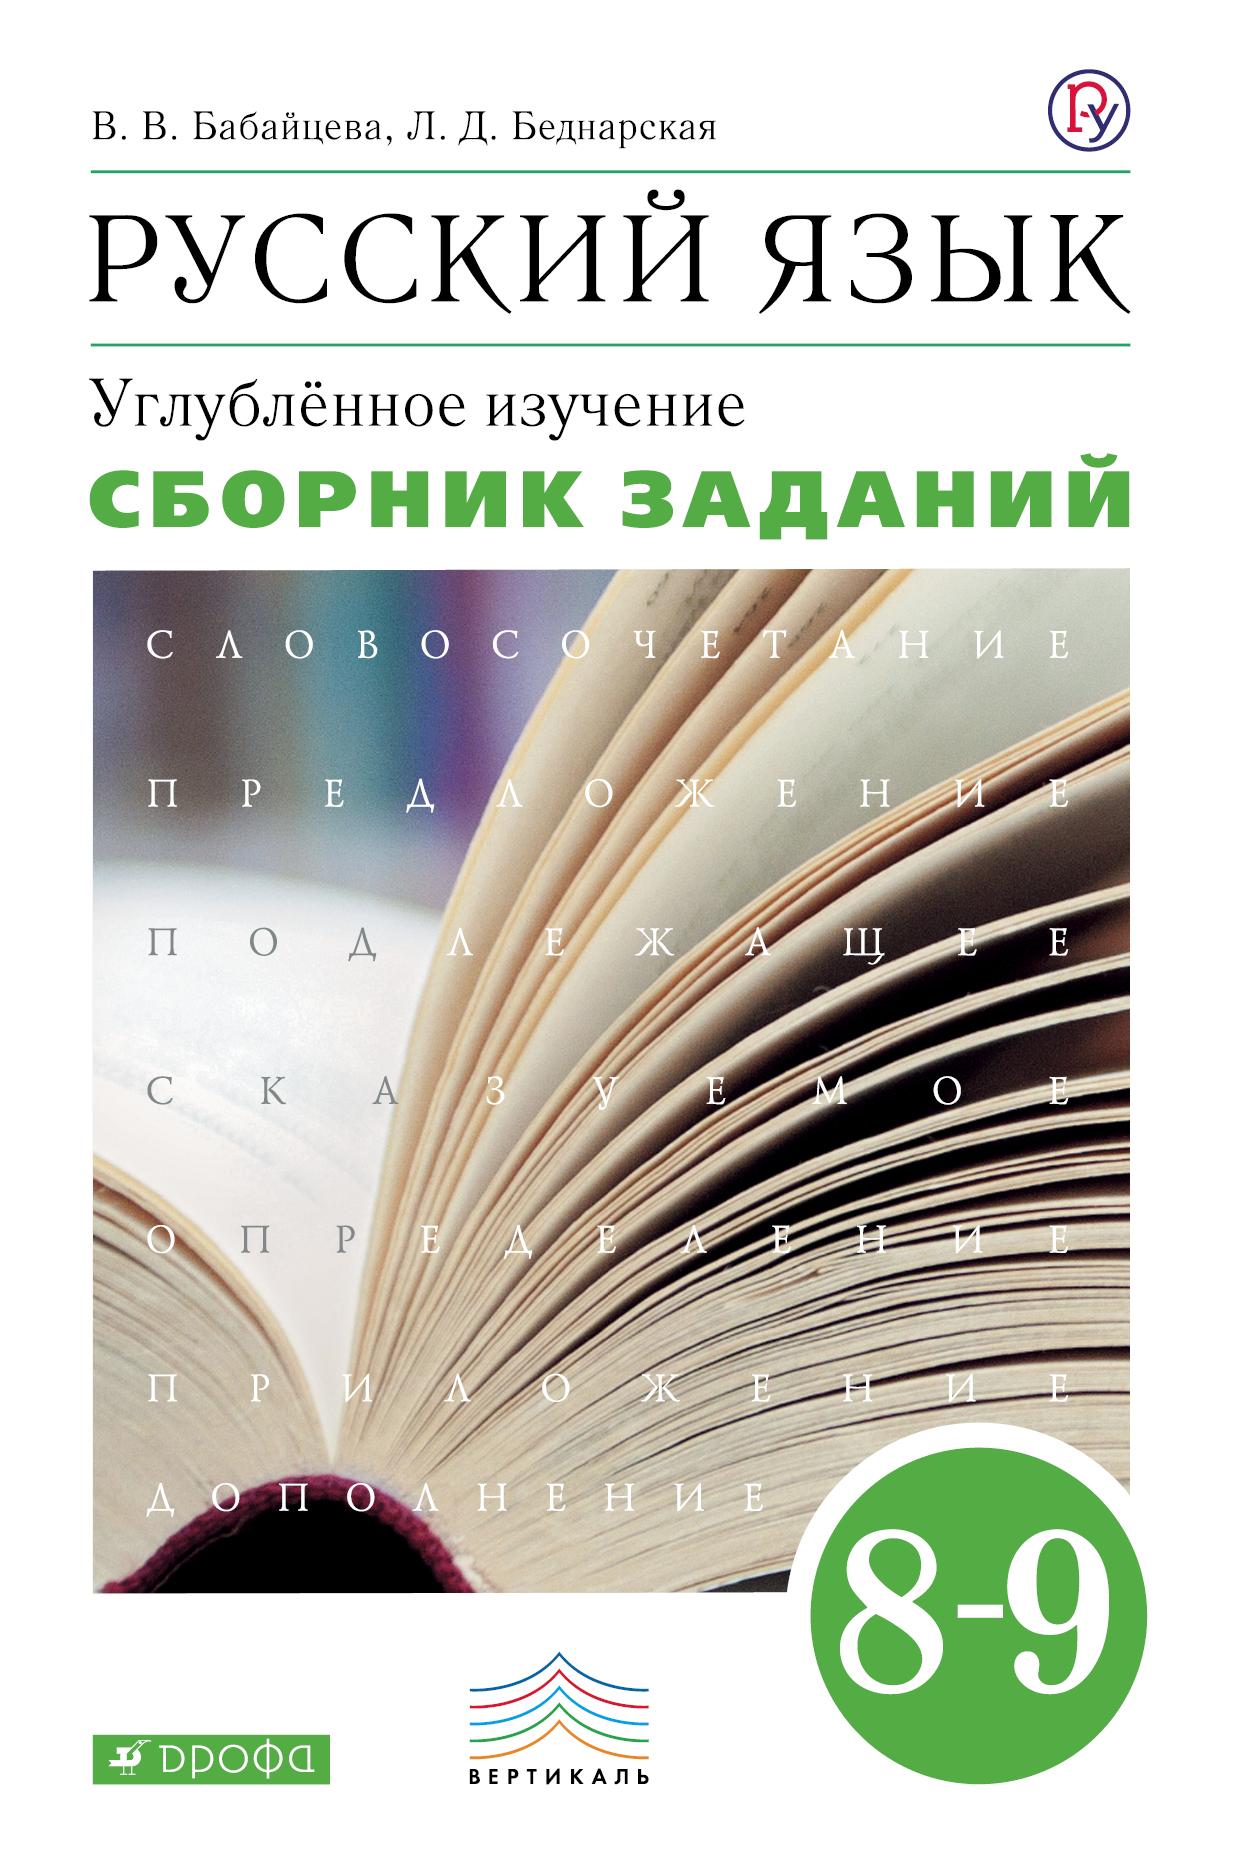 гдз по русскому языку углубленное изучение сборник заданий